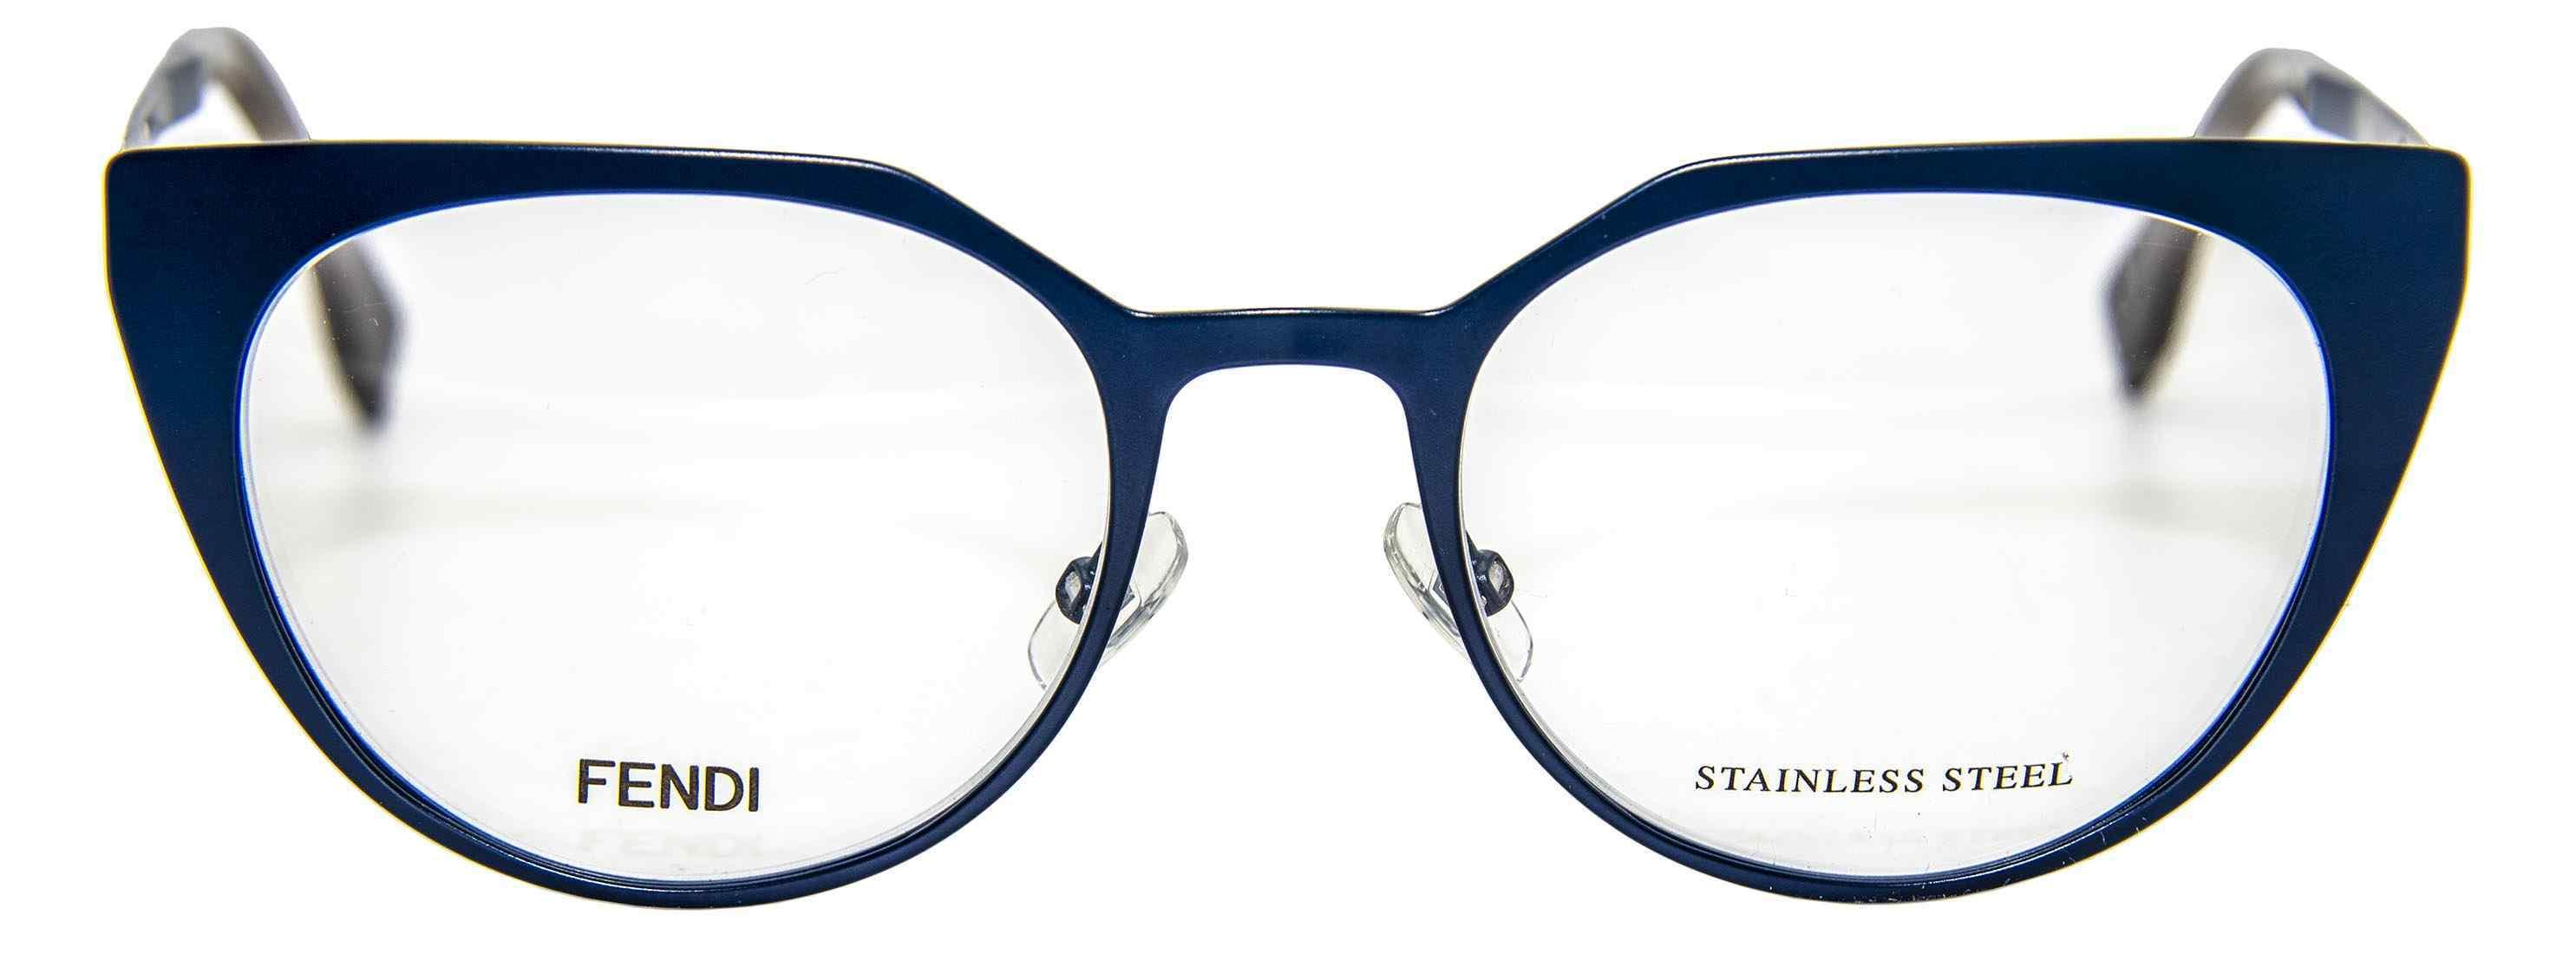 Fendi spectacles 0161 D0m 01 2970x1100